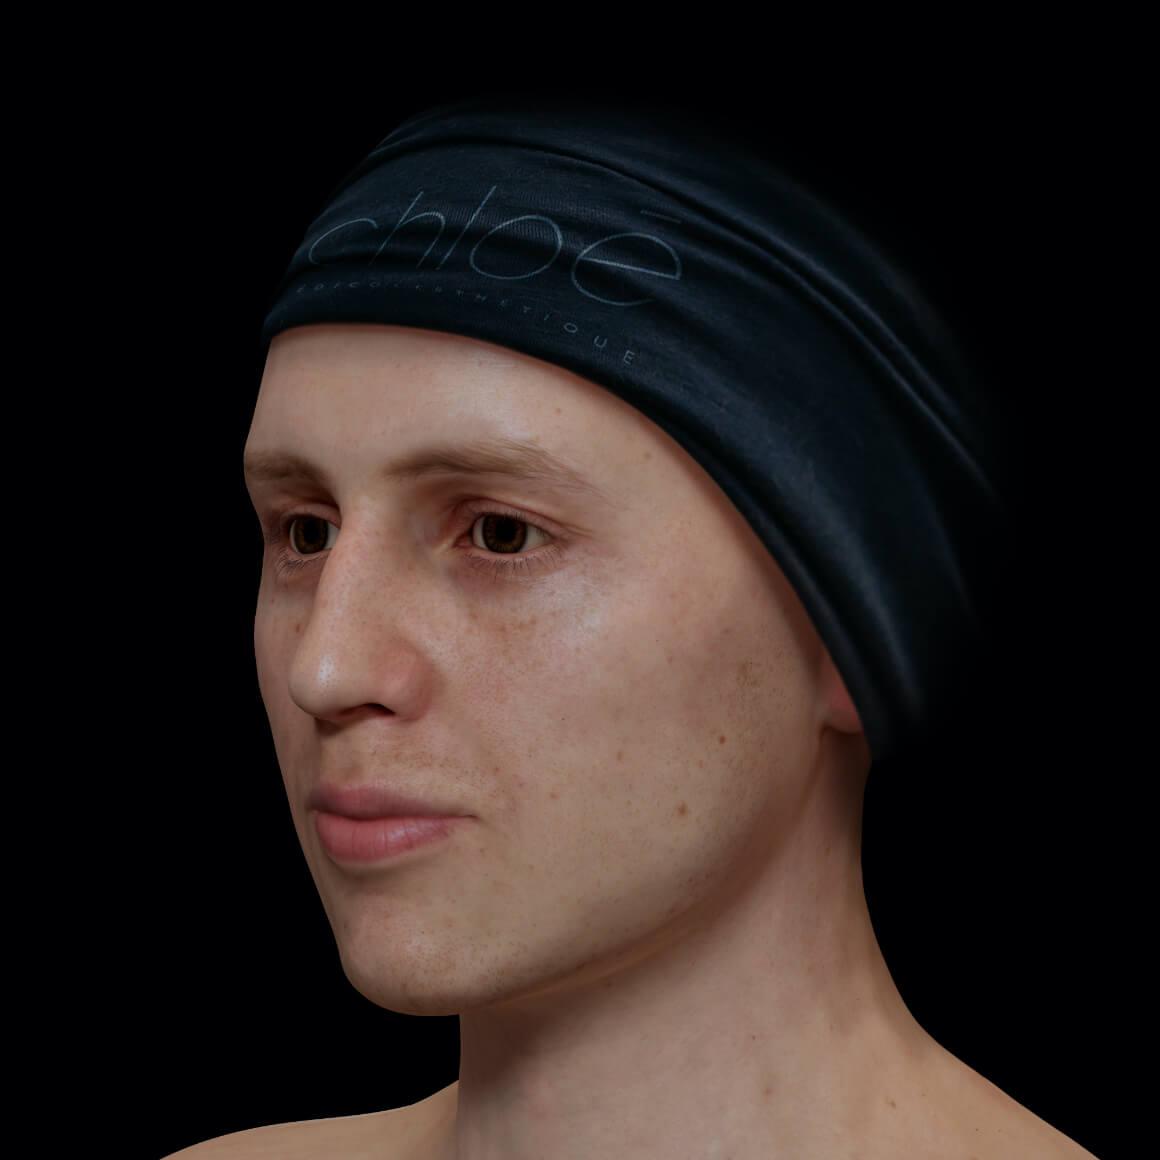 Patient de la Clinique Chloé en angle après des traitements laser Fotona Acné pour traiter de l'acné active sur le visage